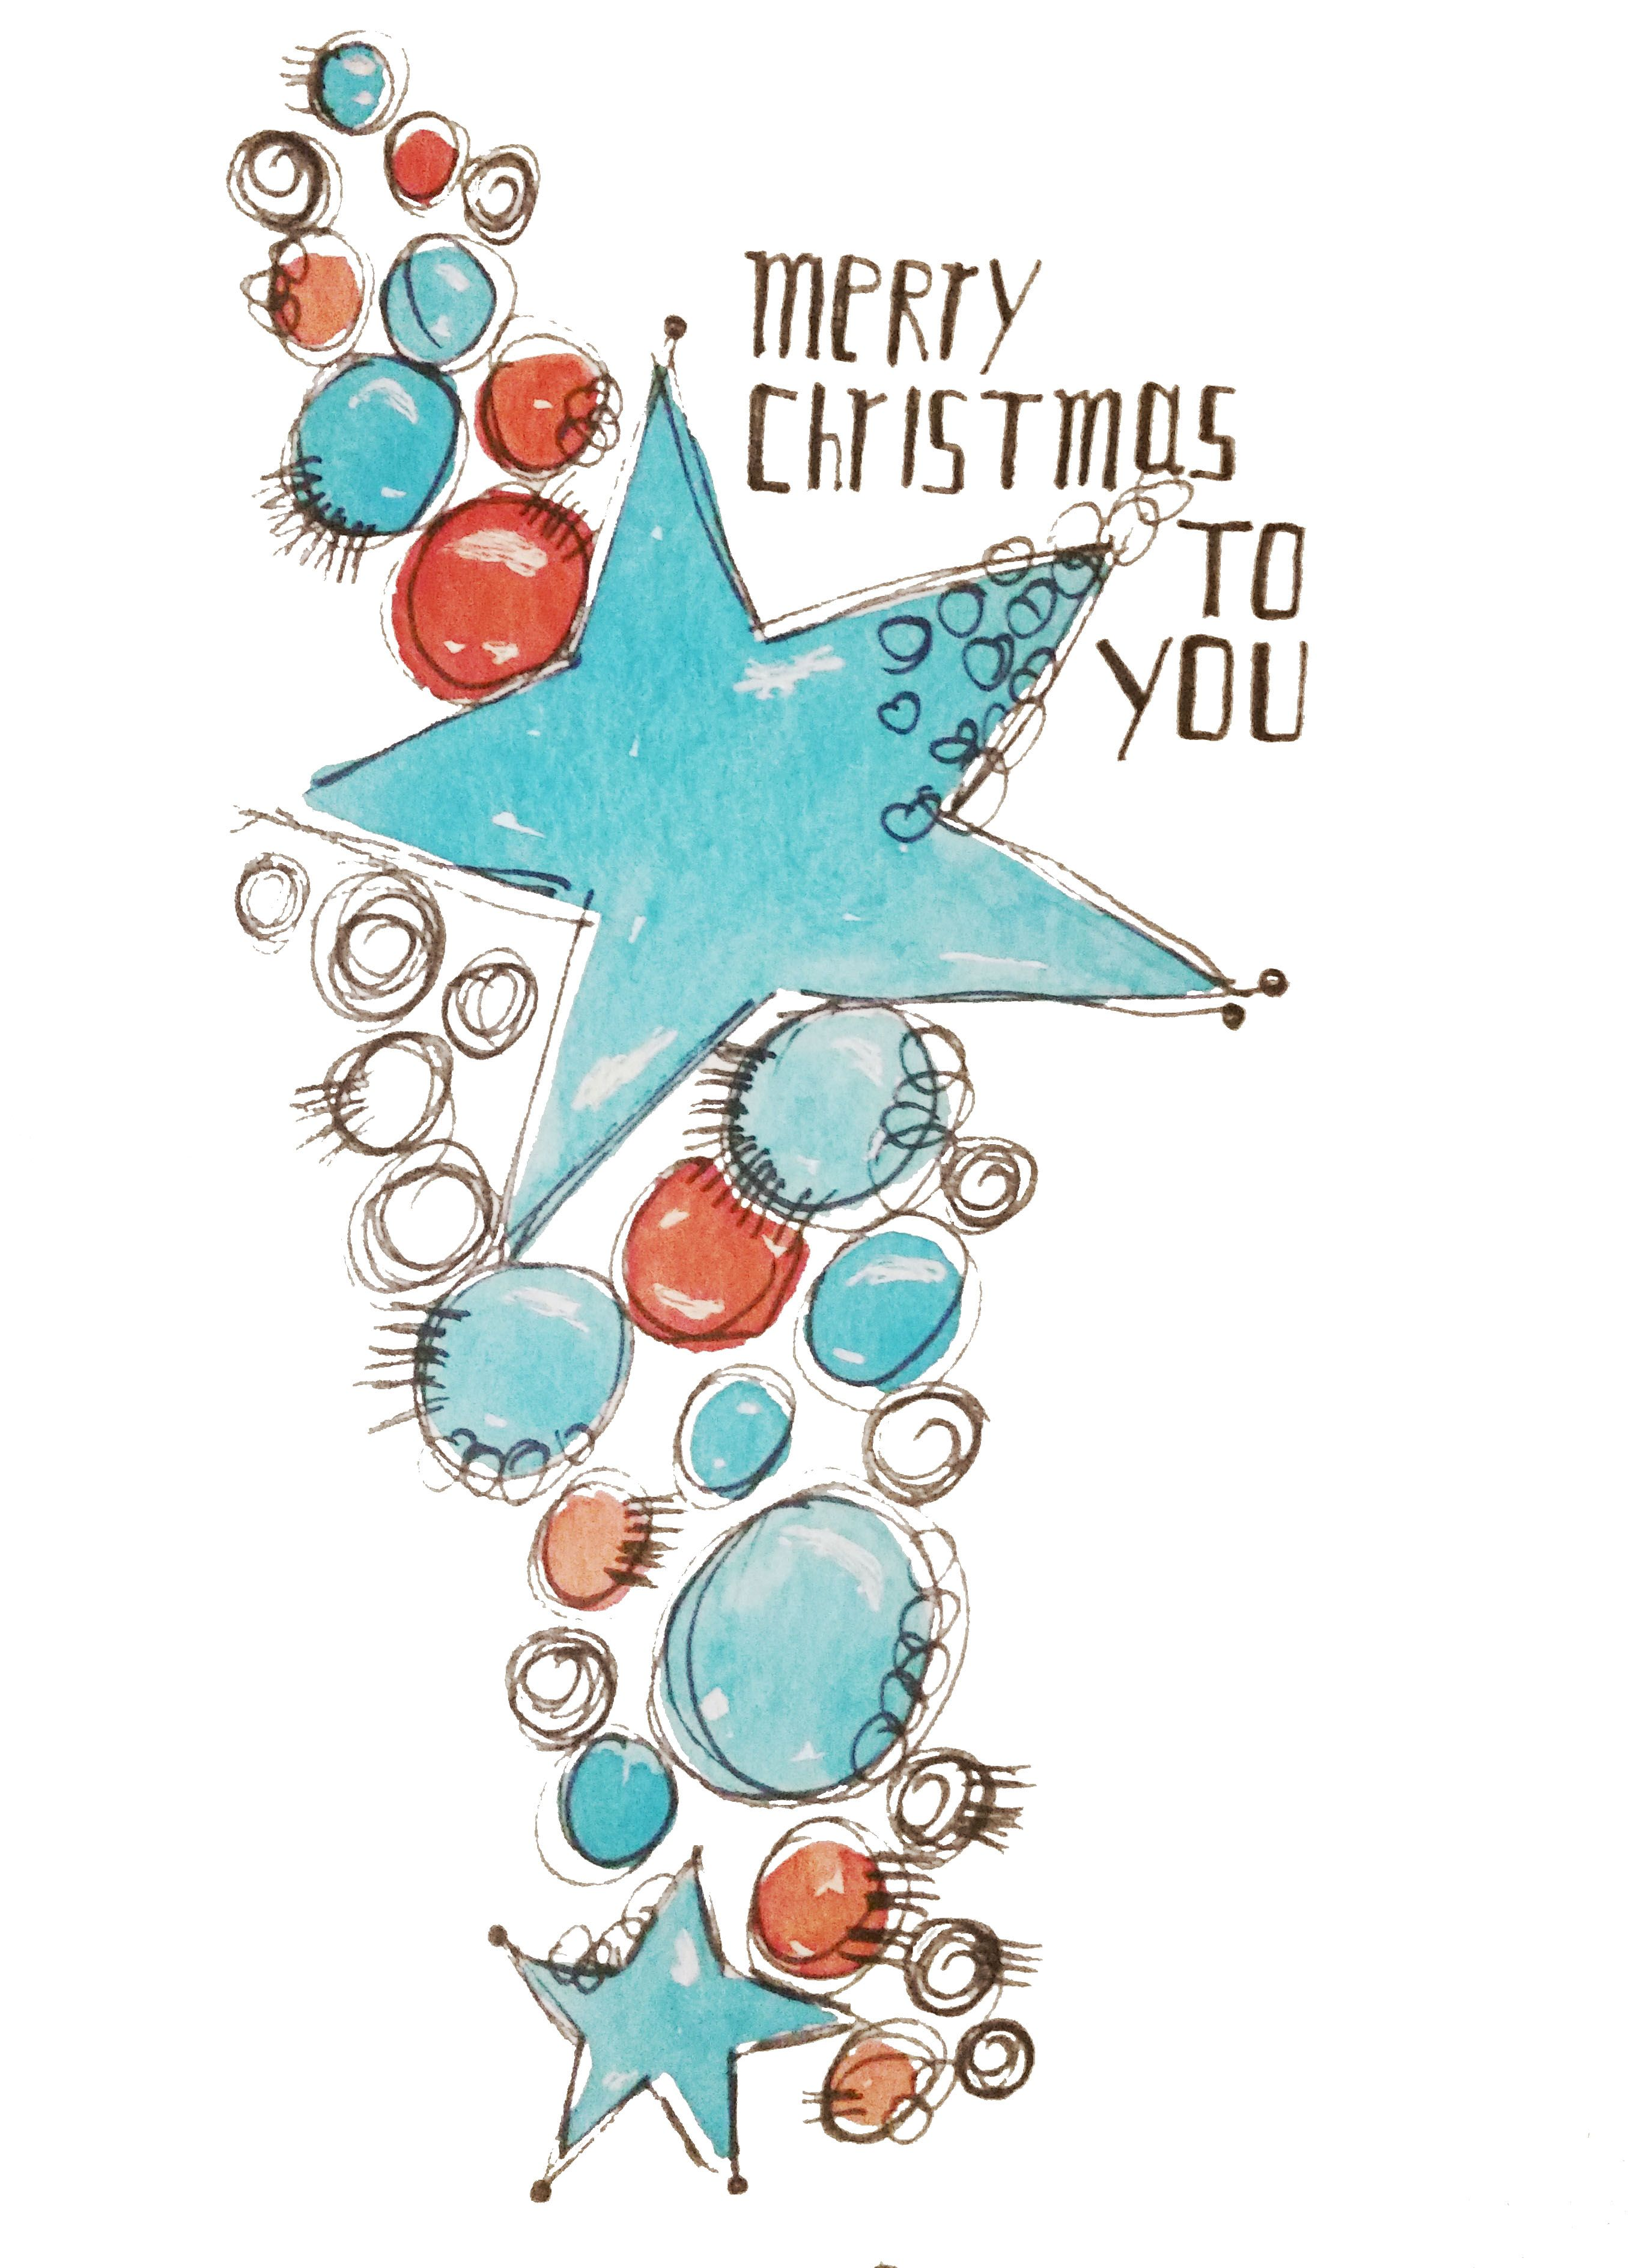 Gemalte Weihnachtskarten.Geschenkanhänger Weihnachten By Sabine Brengel Malwerkstatt Mit Herz